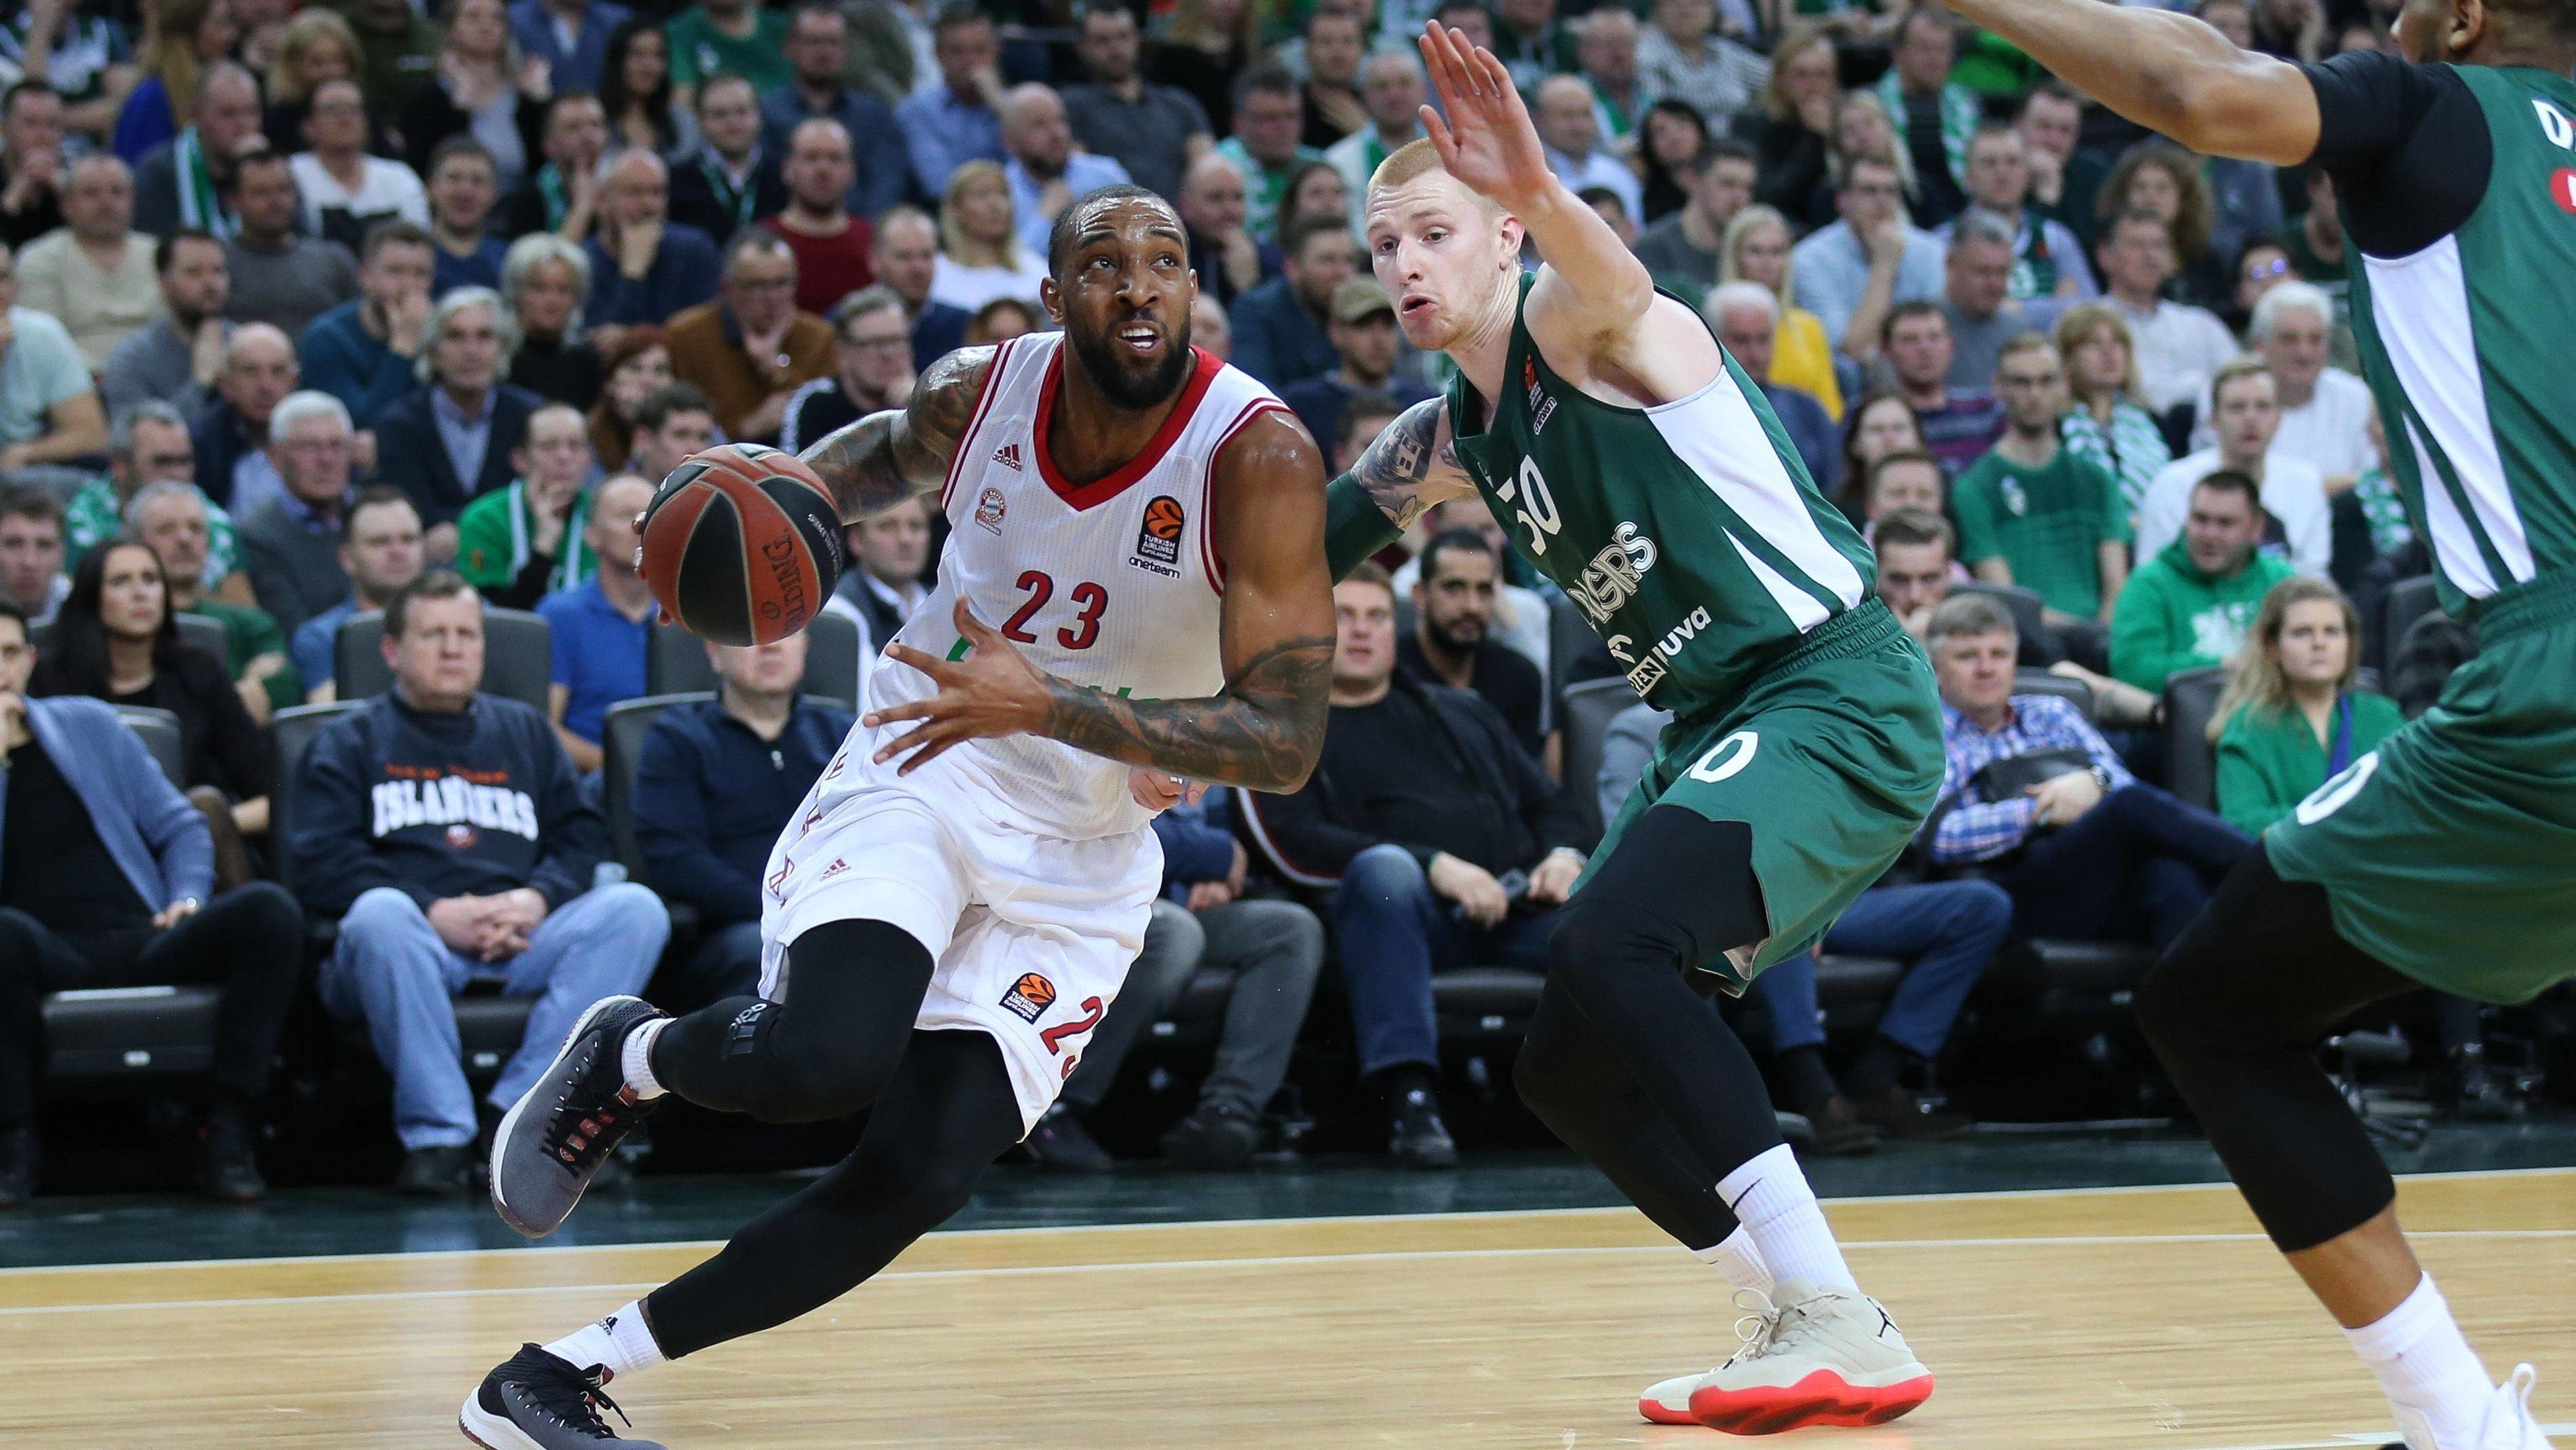 Szene aus dem Spiel Kaunas gegen Bayern München Basketball